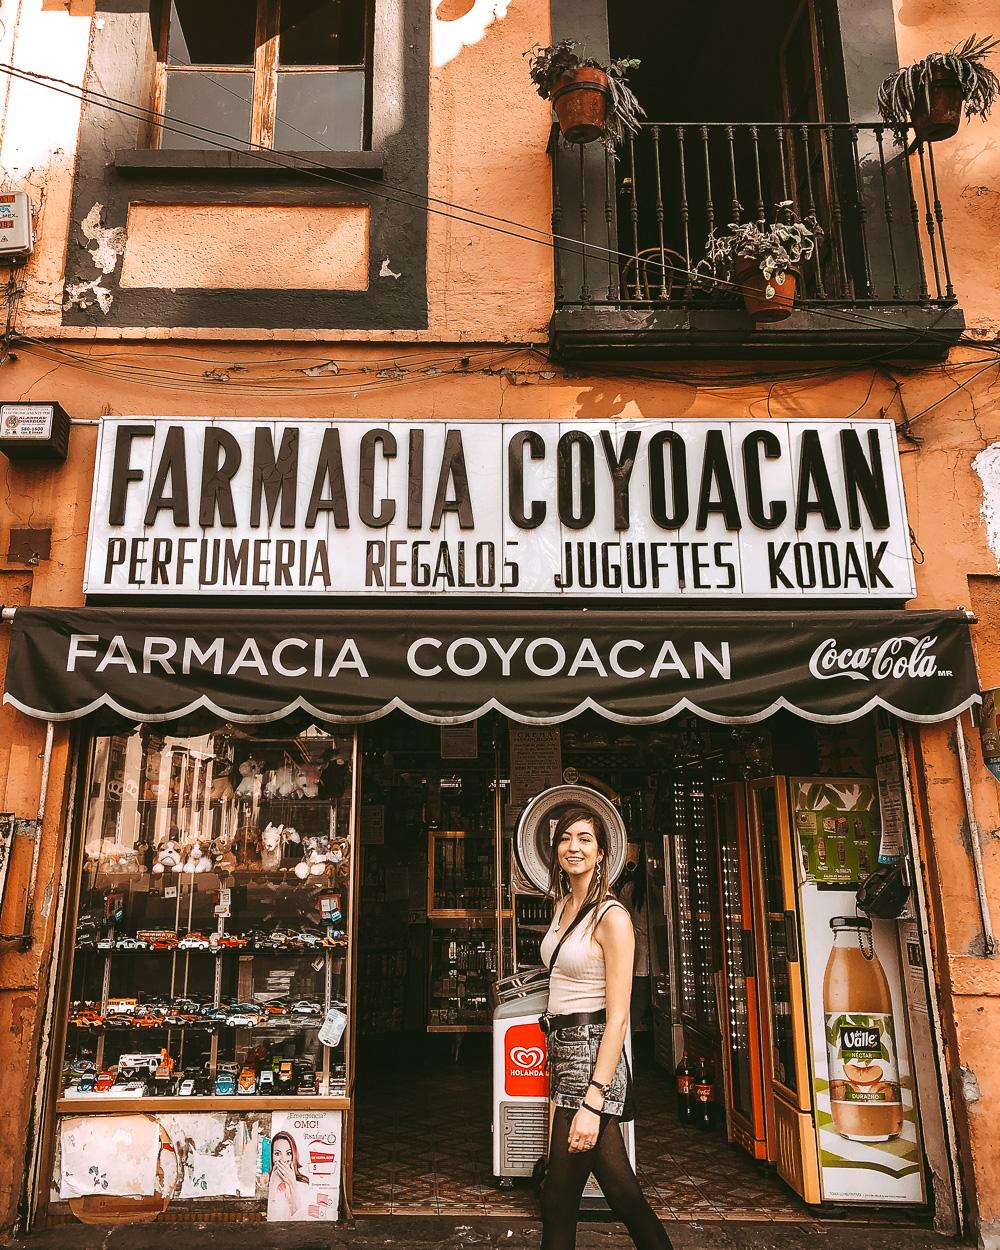 Coyocan, Mexico